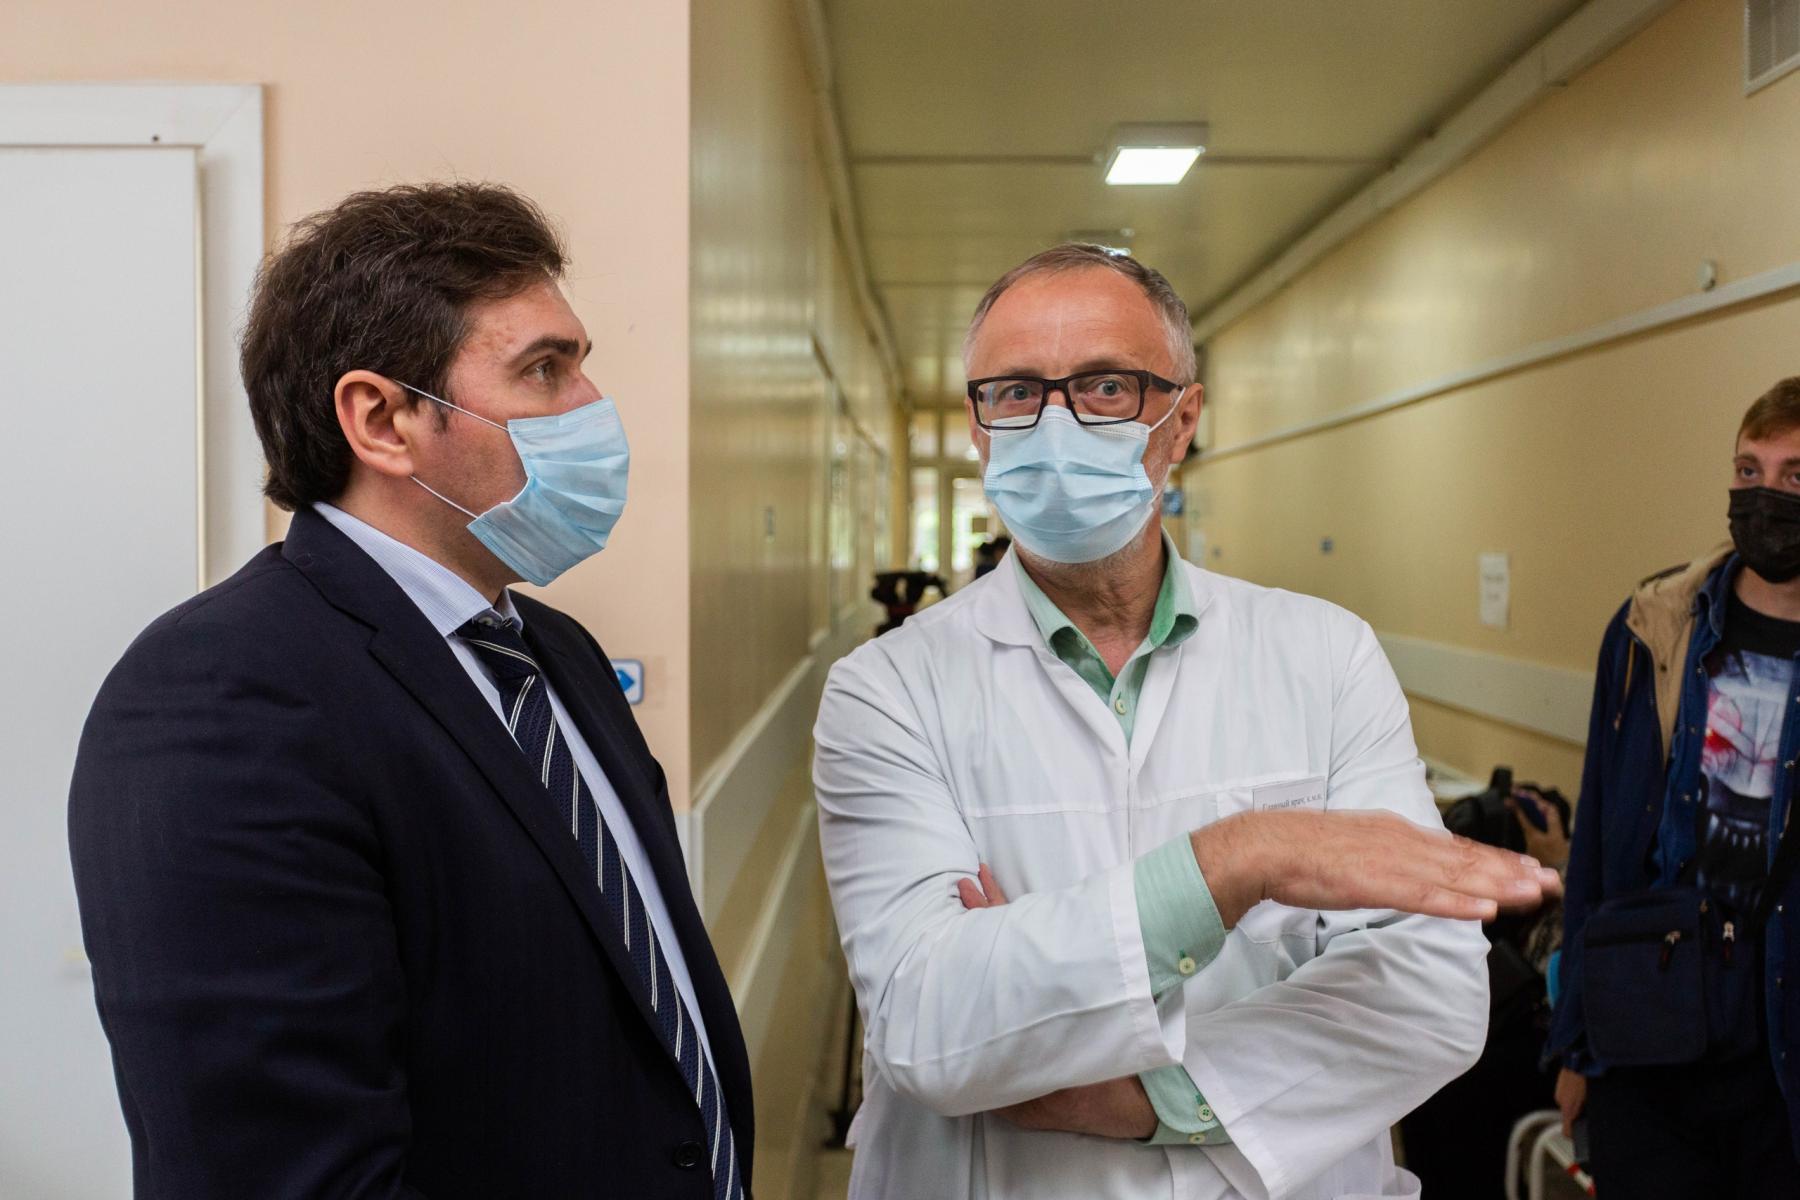 Фото 15 тысяч человек вакцинировались от коронавируса в Новосибирской области за сутки 4